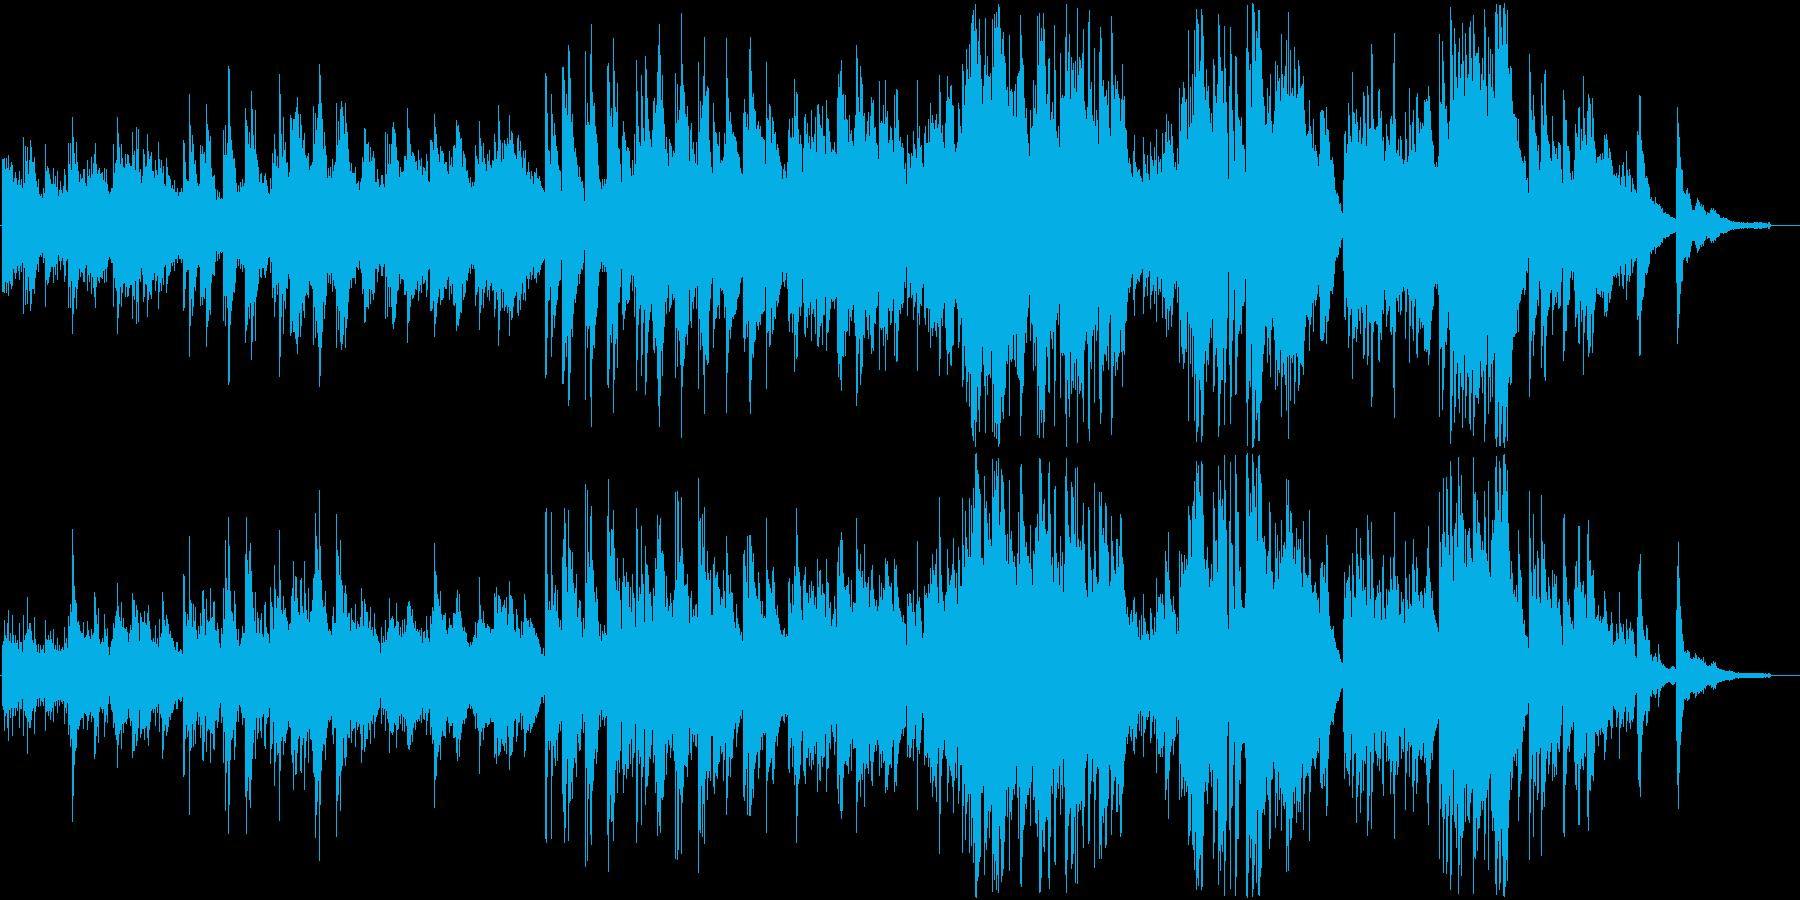 美しく幻想的な癒し系チェロとピアノの重奏の再生済みの波形